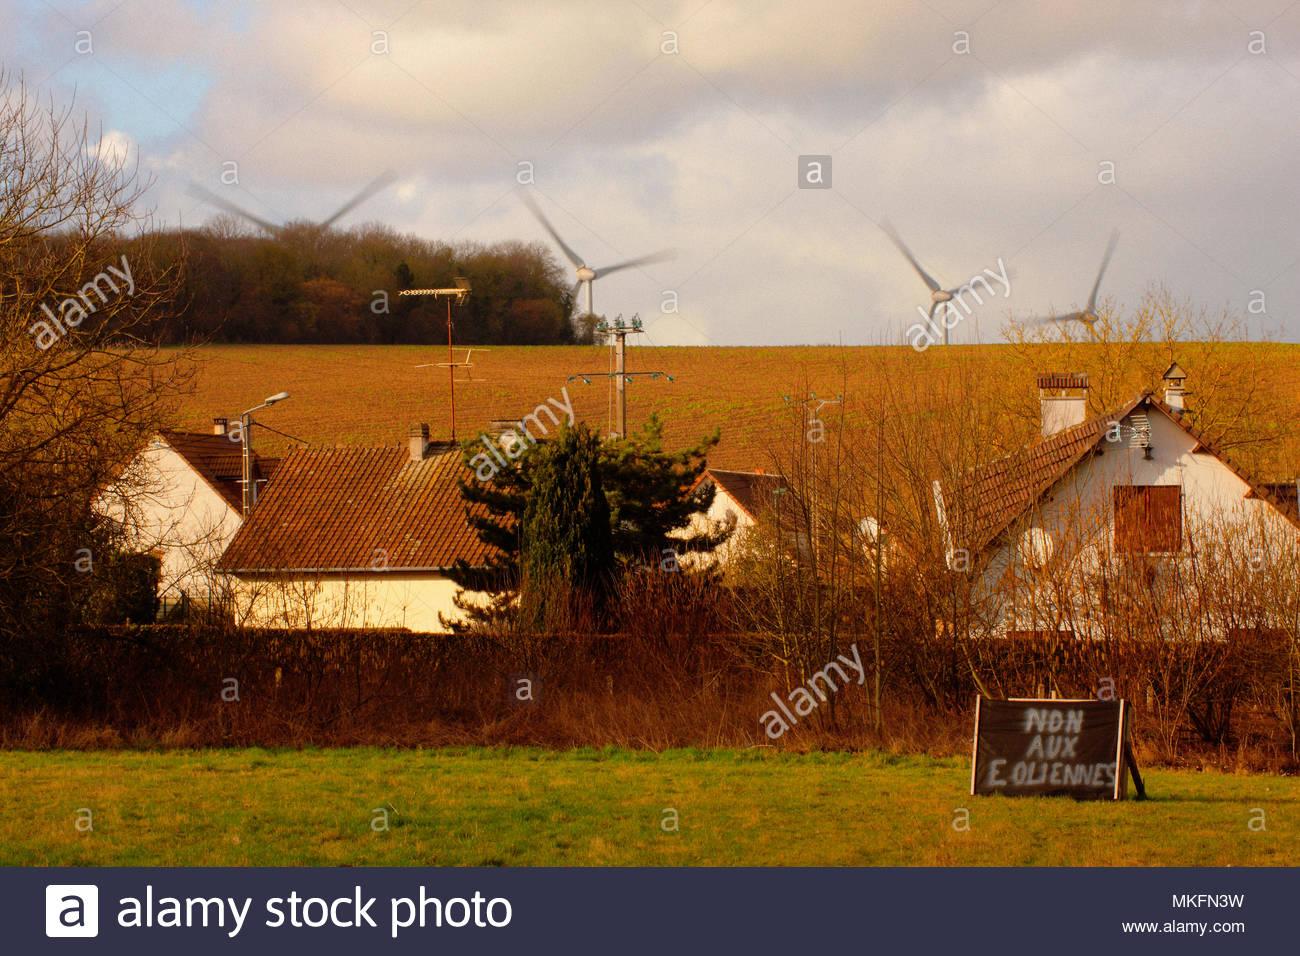 Cartello con un messaggio di protesta contro un progetto di installare nuove turbine eoliche in prossimità di un villaggio, in Picardie - Francia. Inquinamento da rumore. Immagini Stock